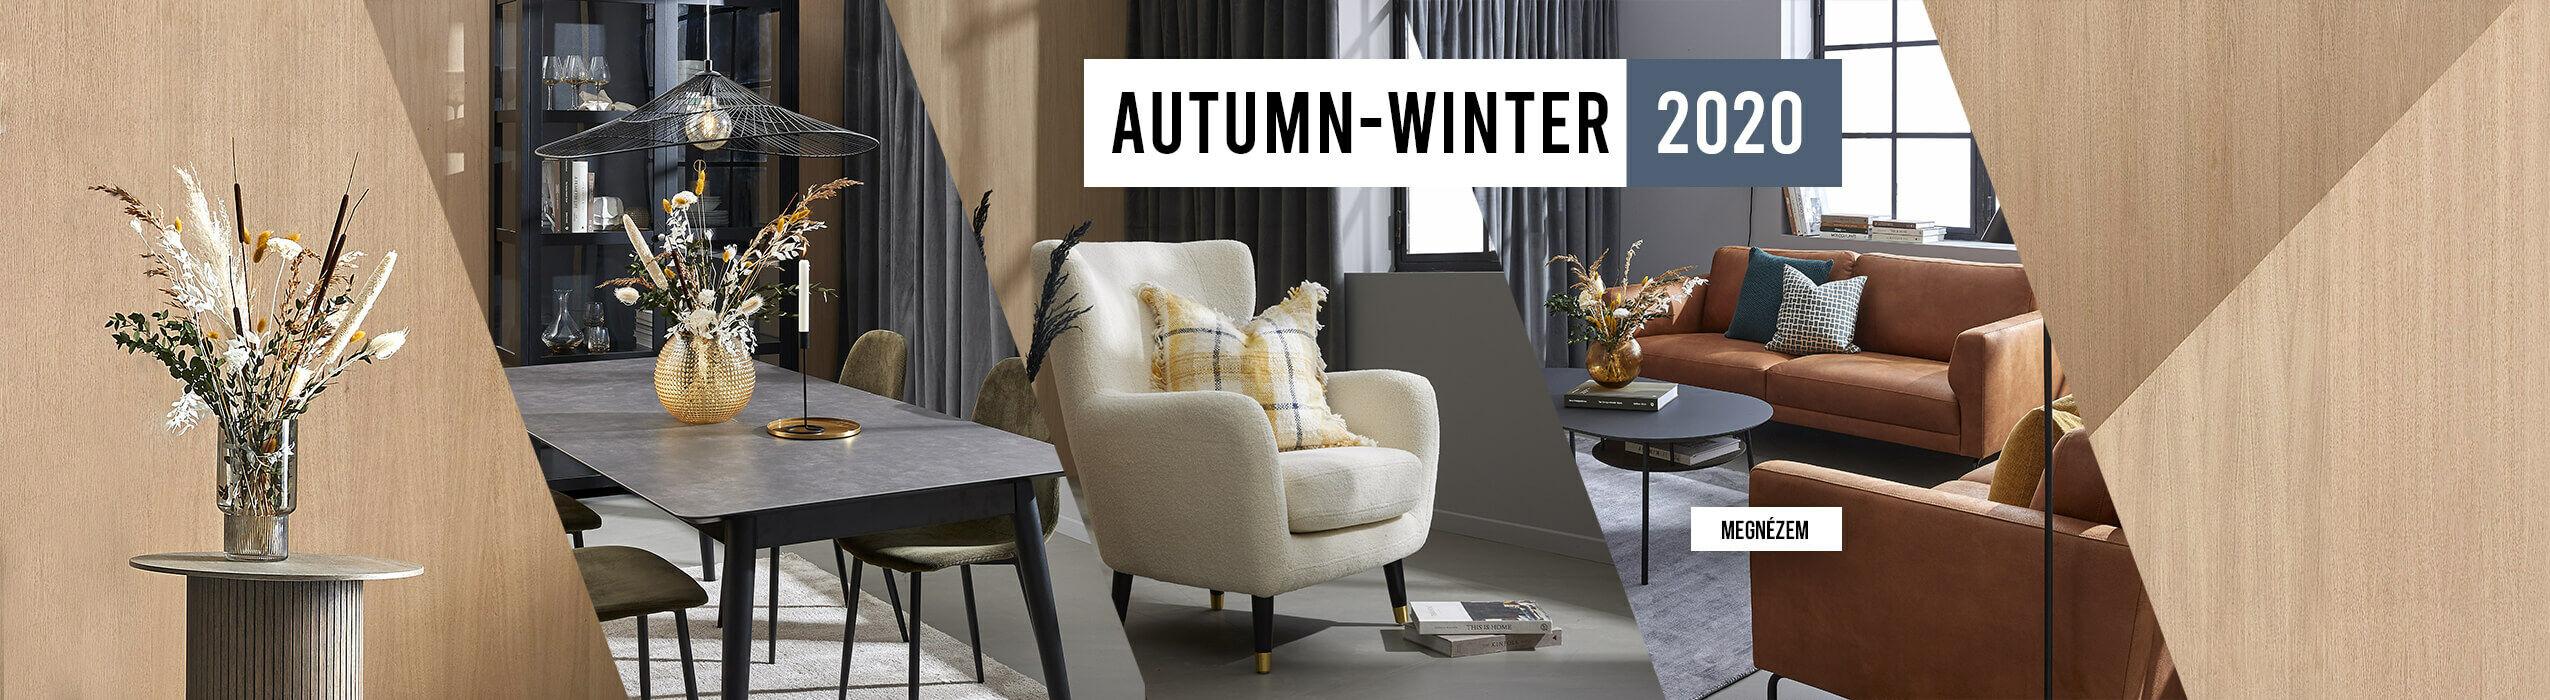 autumn winter 2020